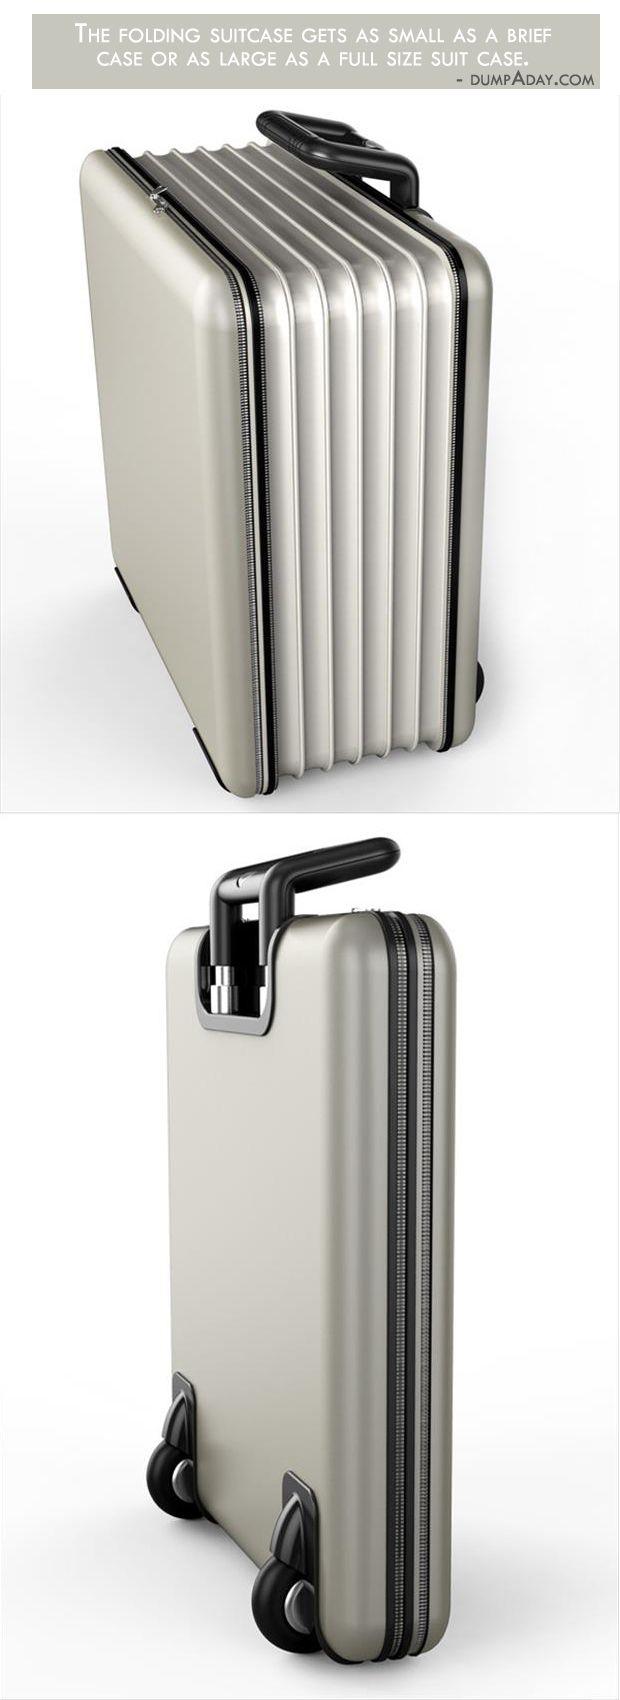 Genius suitcase